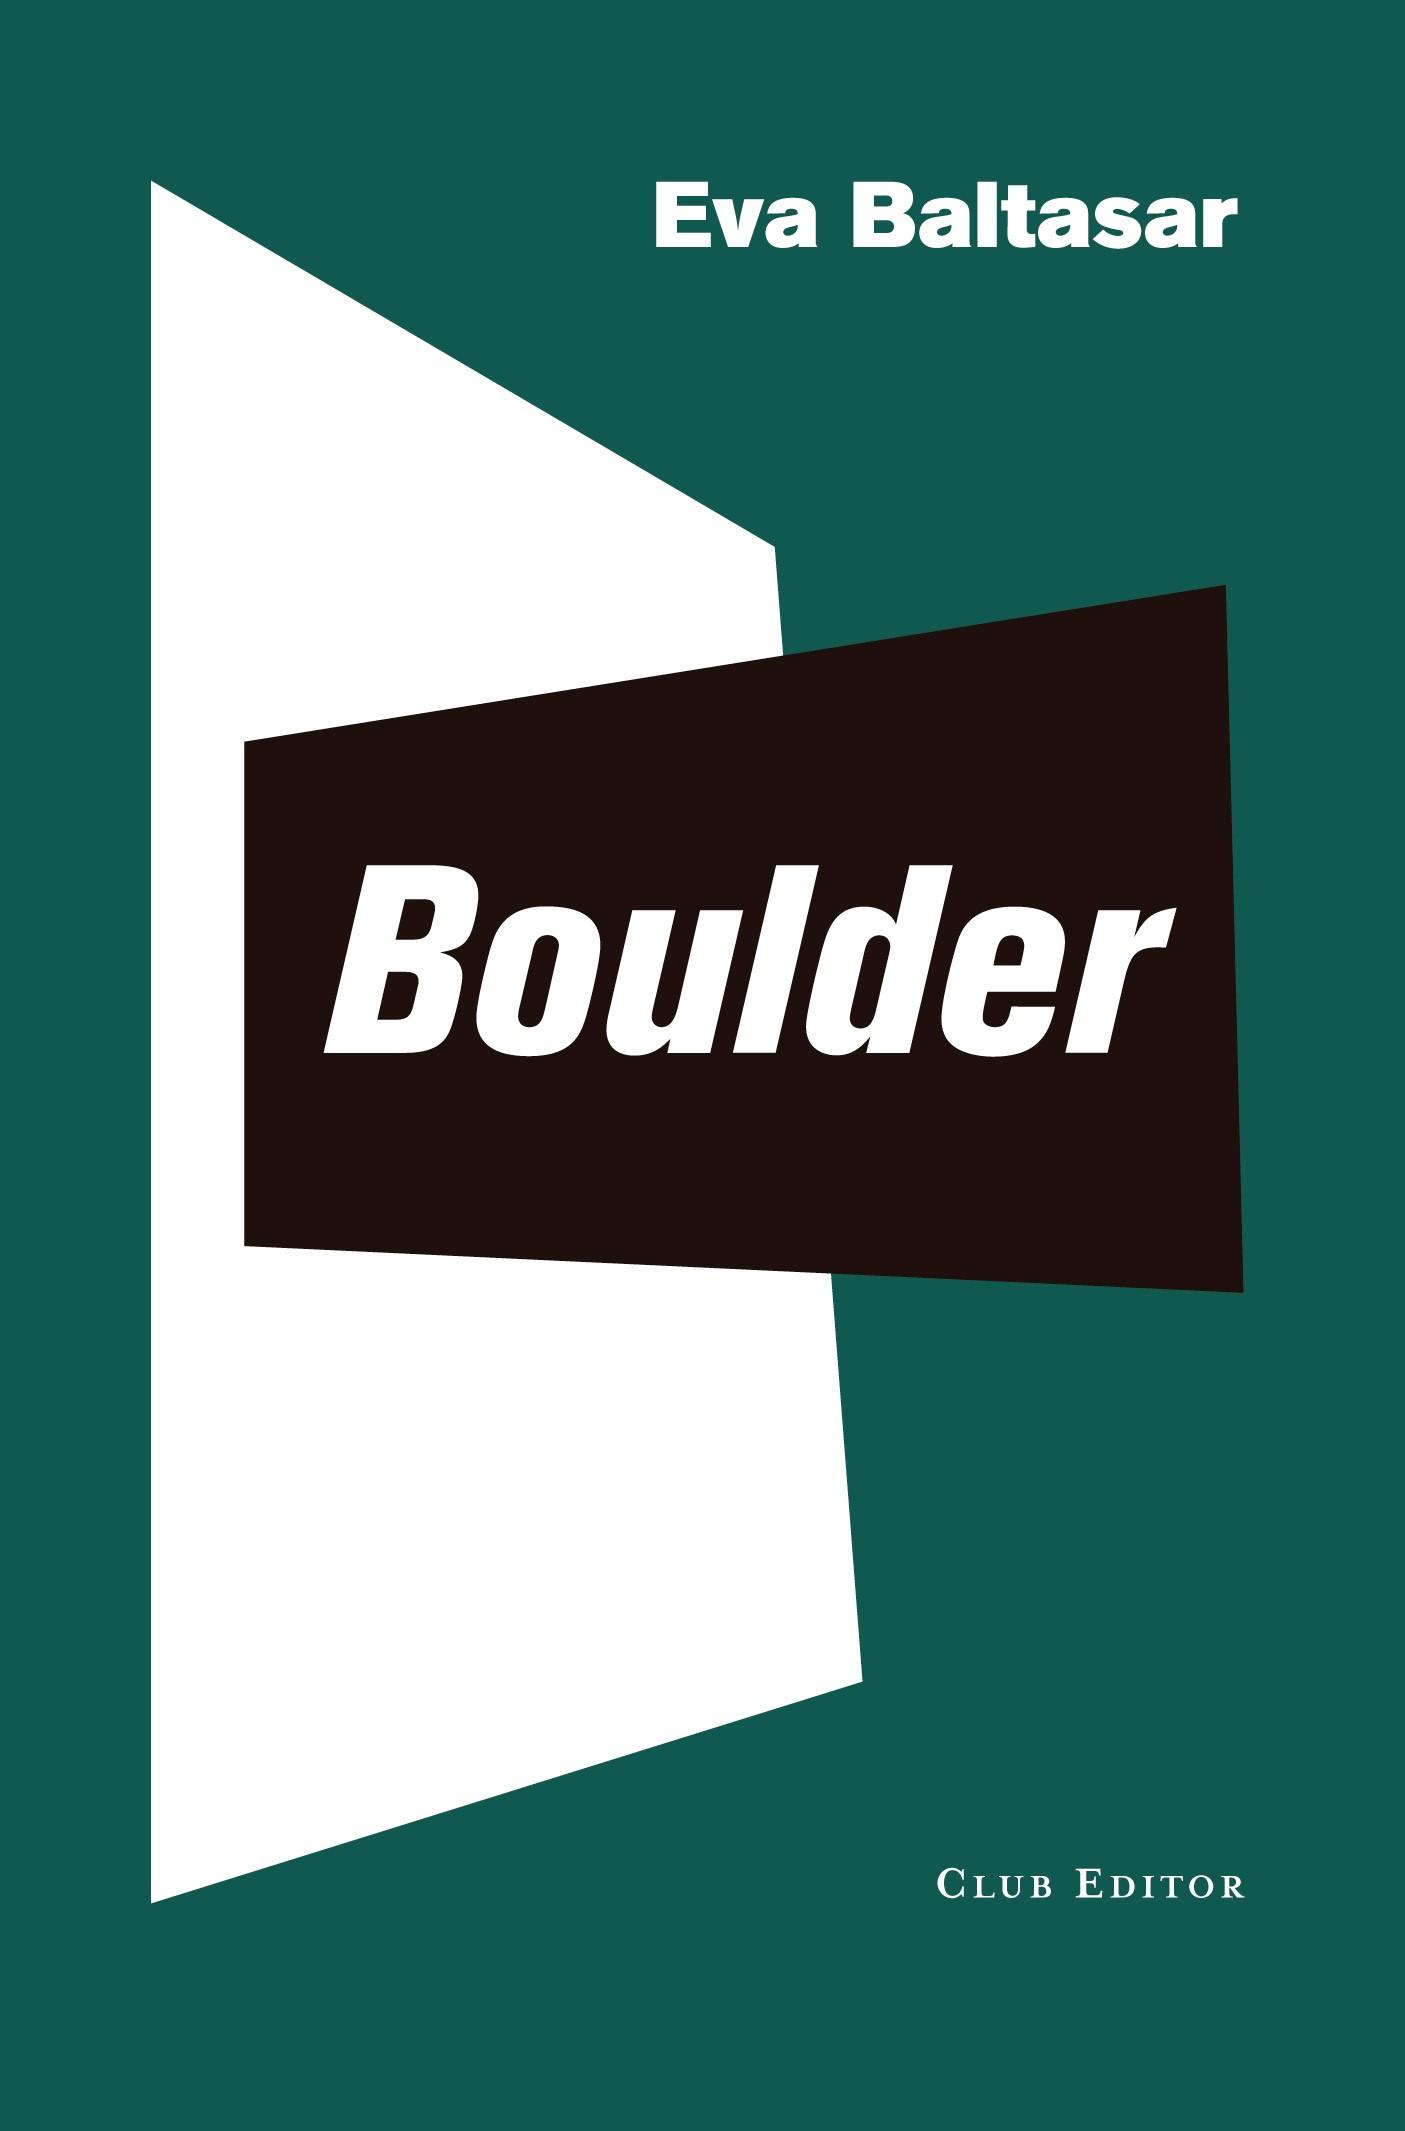 Boulder